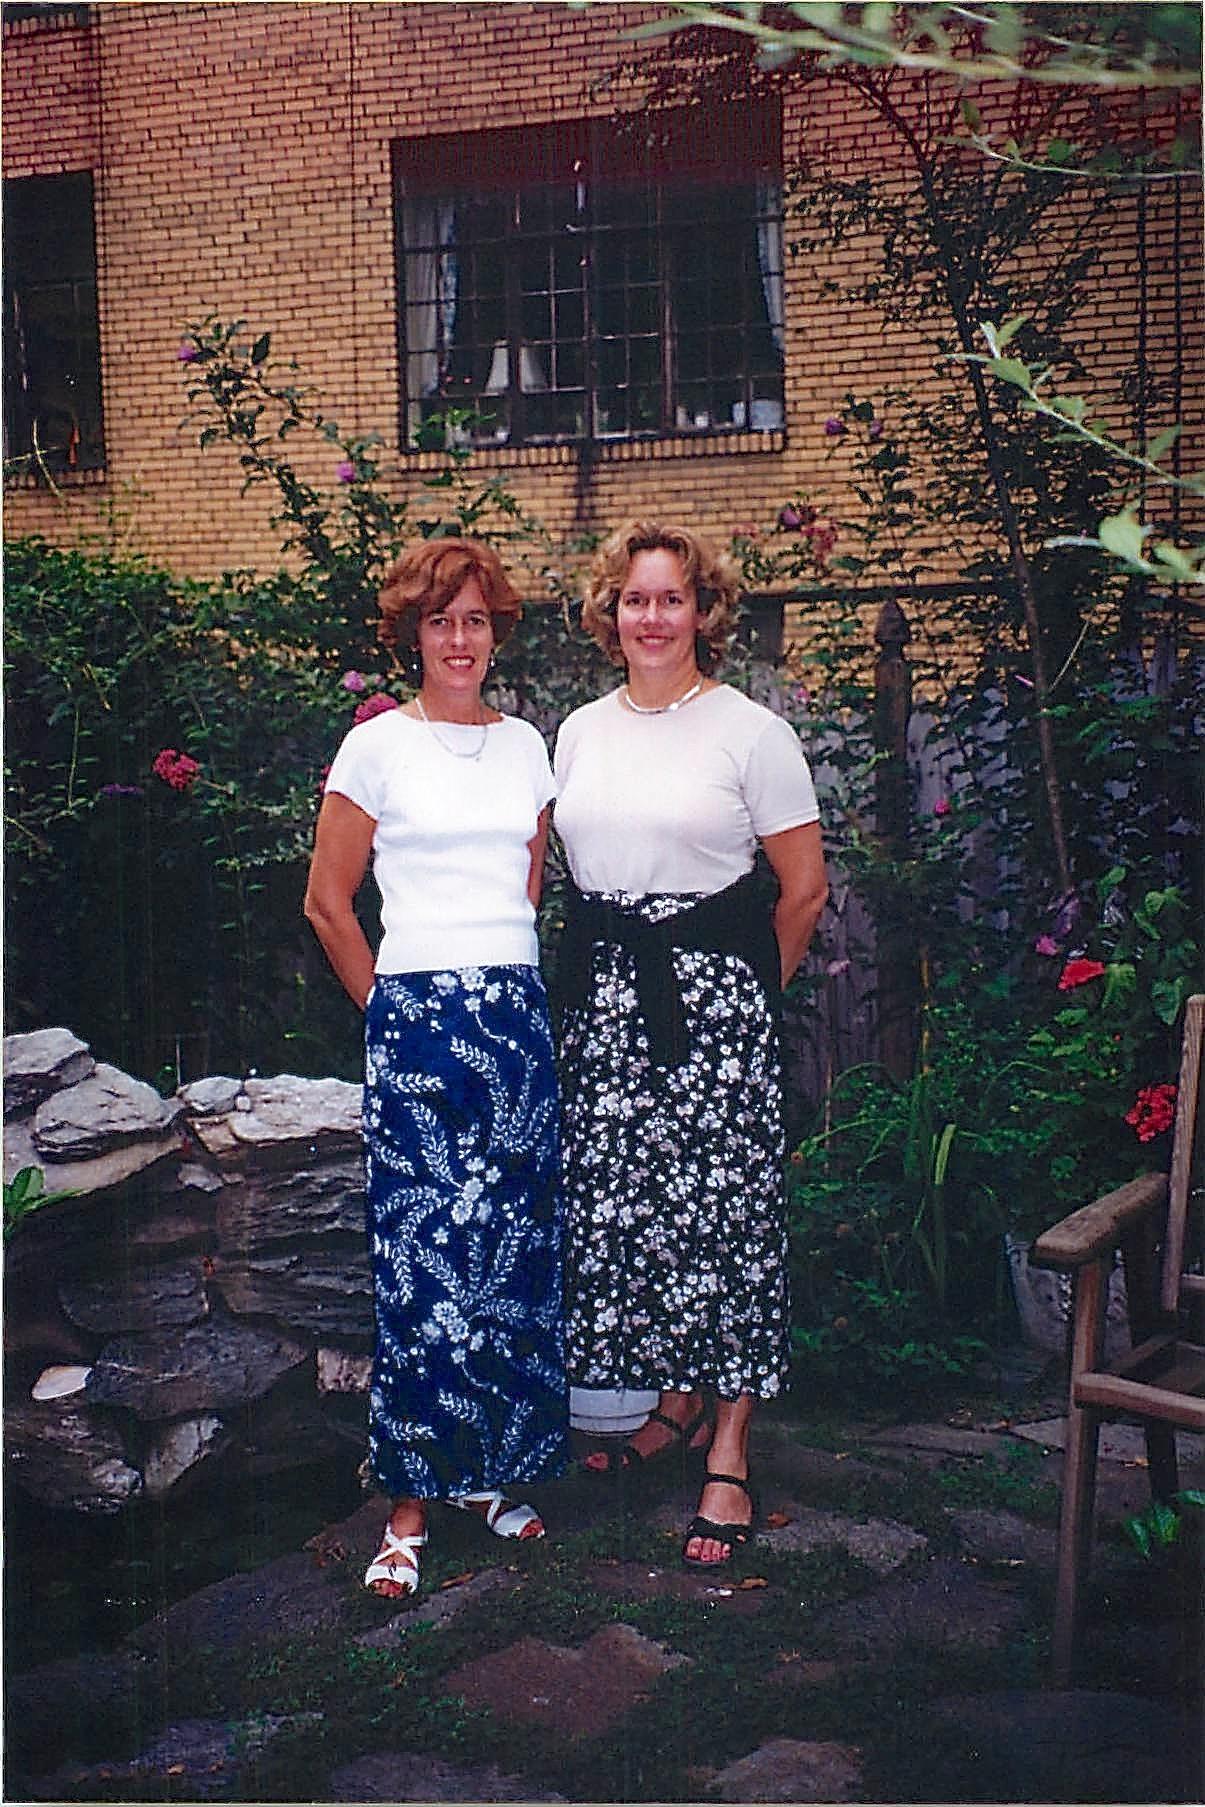 Nancy Hynes, Lorraine Gudas 1998 NYC